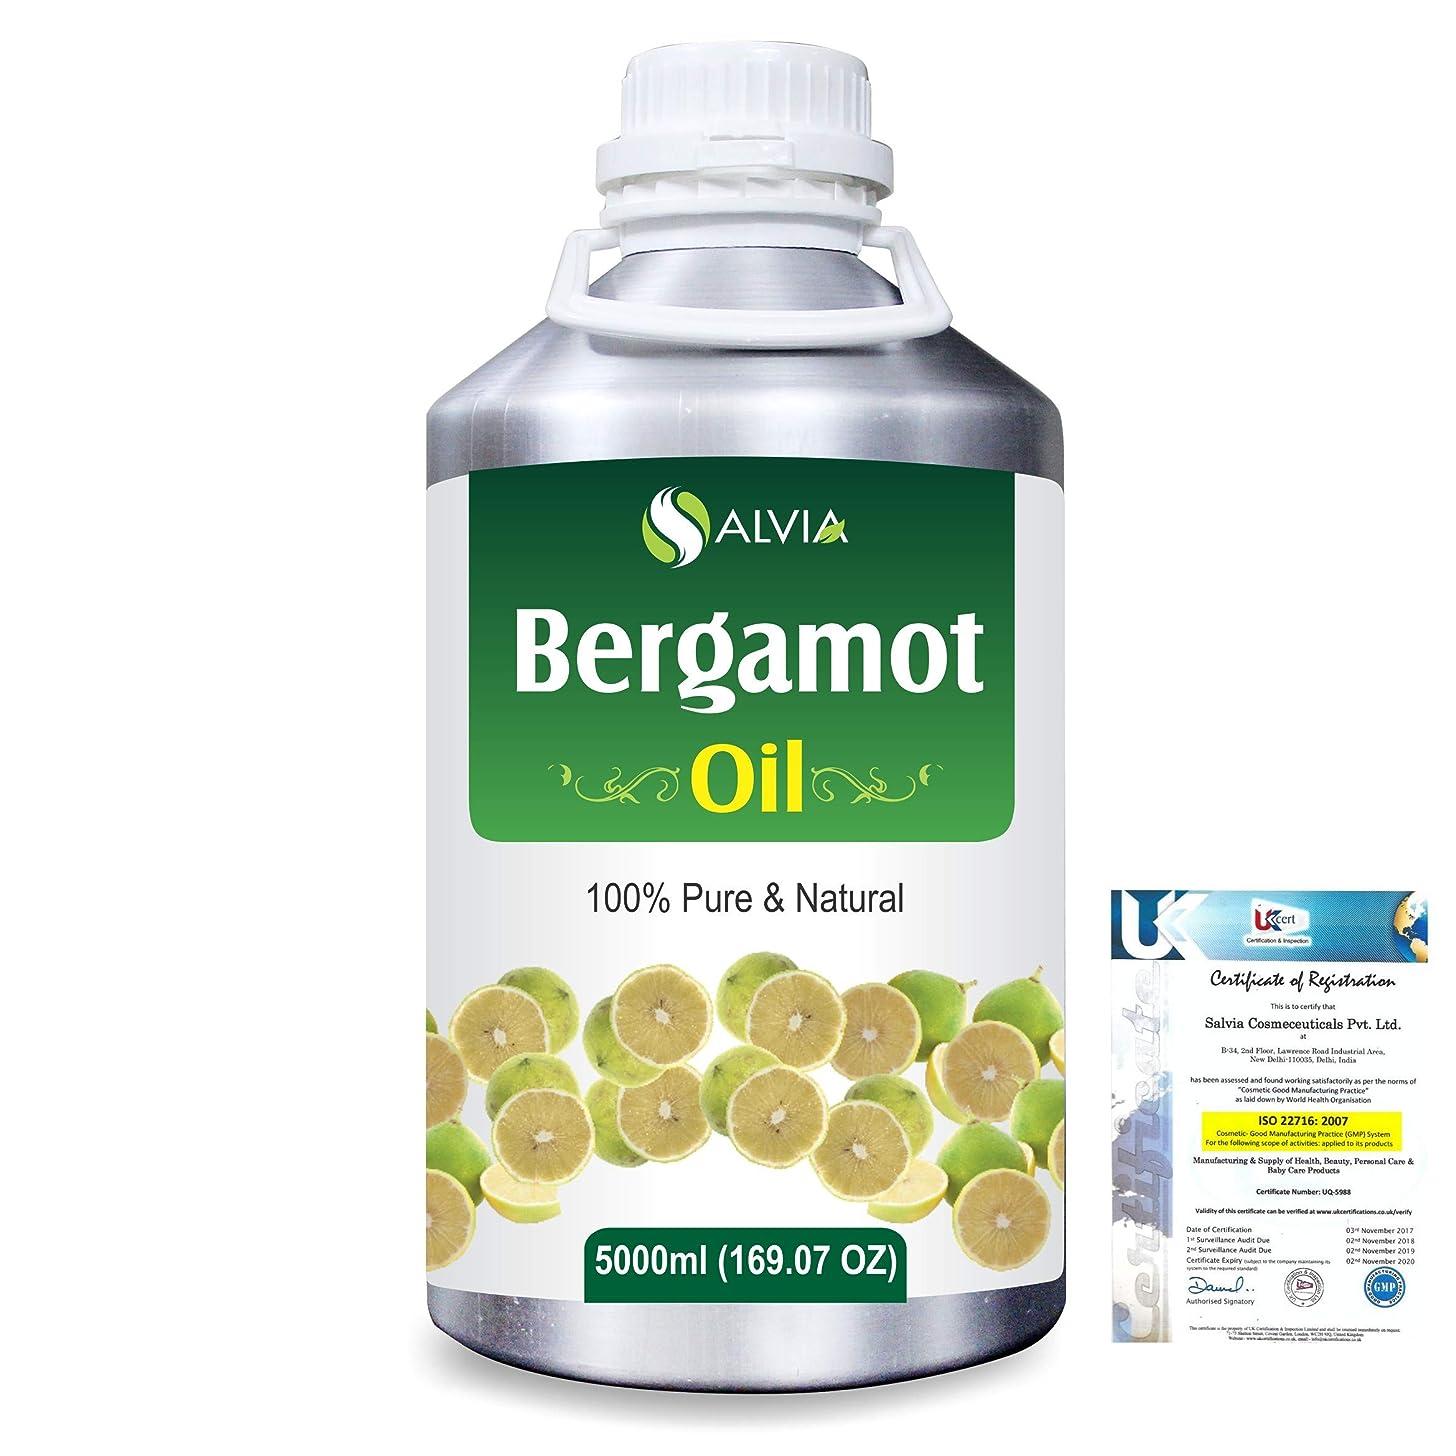 バランスのとれた乱暴な後ろ、背後、背面(部Bergamot (Citrus aurantium) 100% Natural Pure Essential Oil 5000ml/169fl.oz.